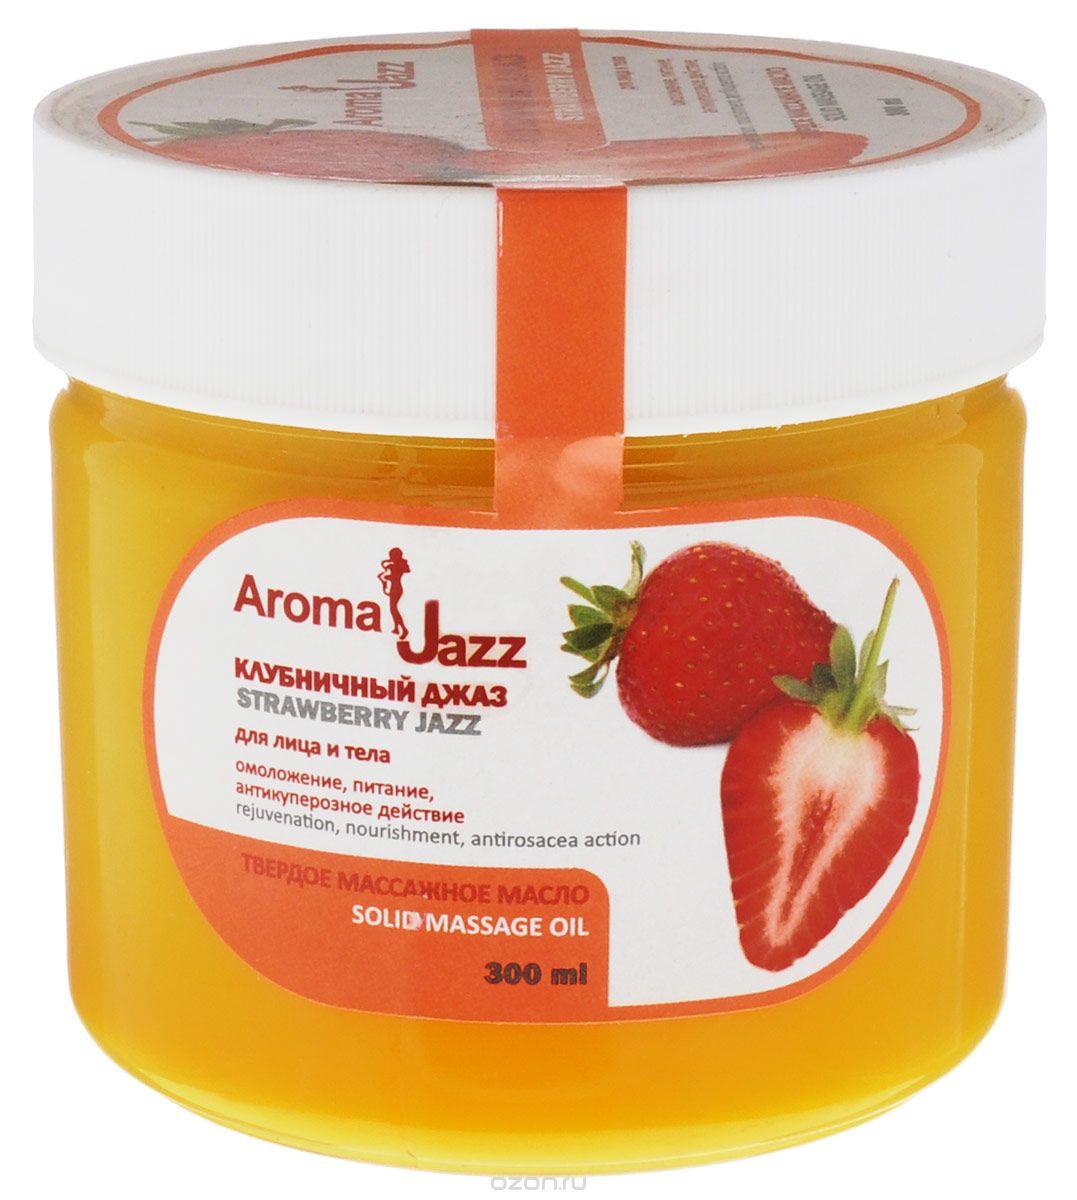 Aroma Jazz Твердое масло питательное Клубничный джаз, 300 мл0110Действие: масло моментально смягчает и успокаивает кожу, снижает выраженность сосудистой сетки и стимулирует микроциркуляцию крови. Масло интенсивно питает и успокаивает кожу, повышает ее способность удерживать влагу и барьерные функции, способствует устранению сухости и стянутости. Противопоказания: индивидуальная непереносимость компонентов продукта. Срок хранения: 24 месяца. После вскрытия упаковки использовать в течение 6 месяцев.